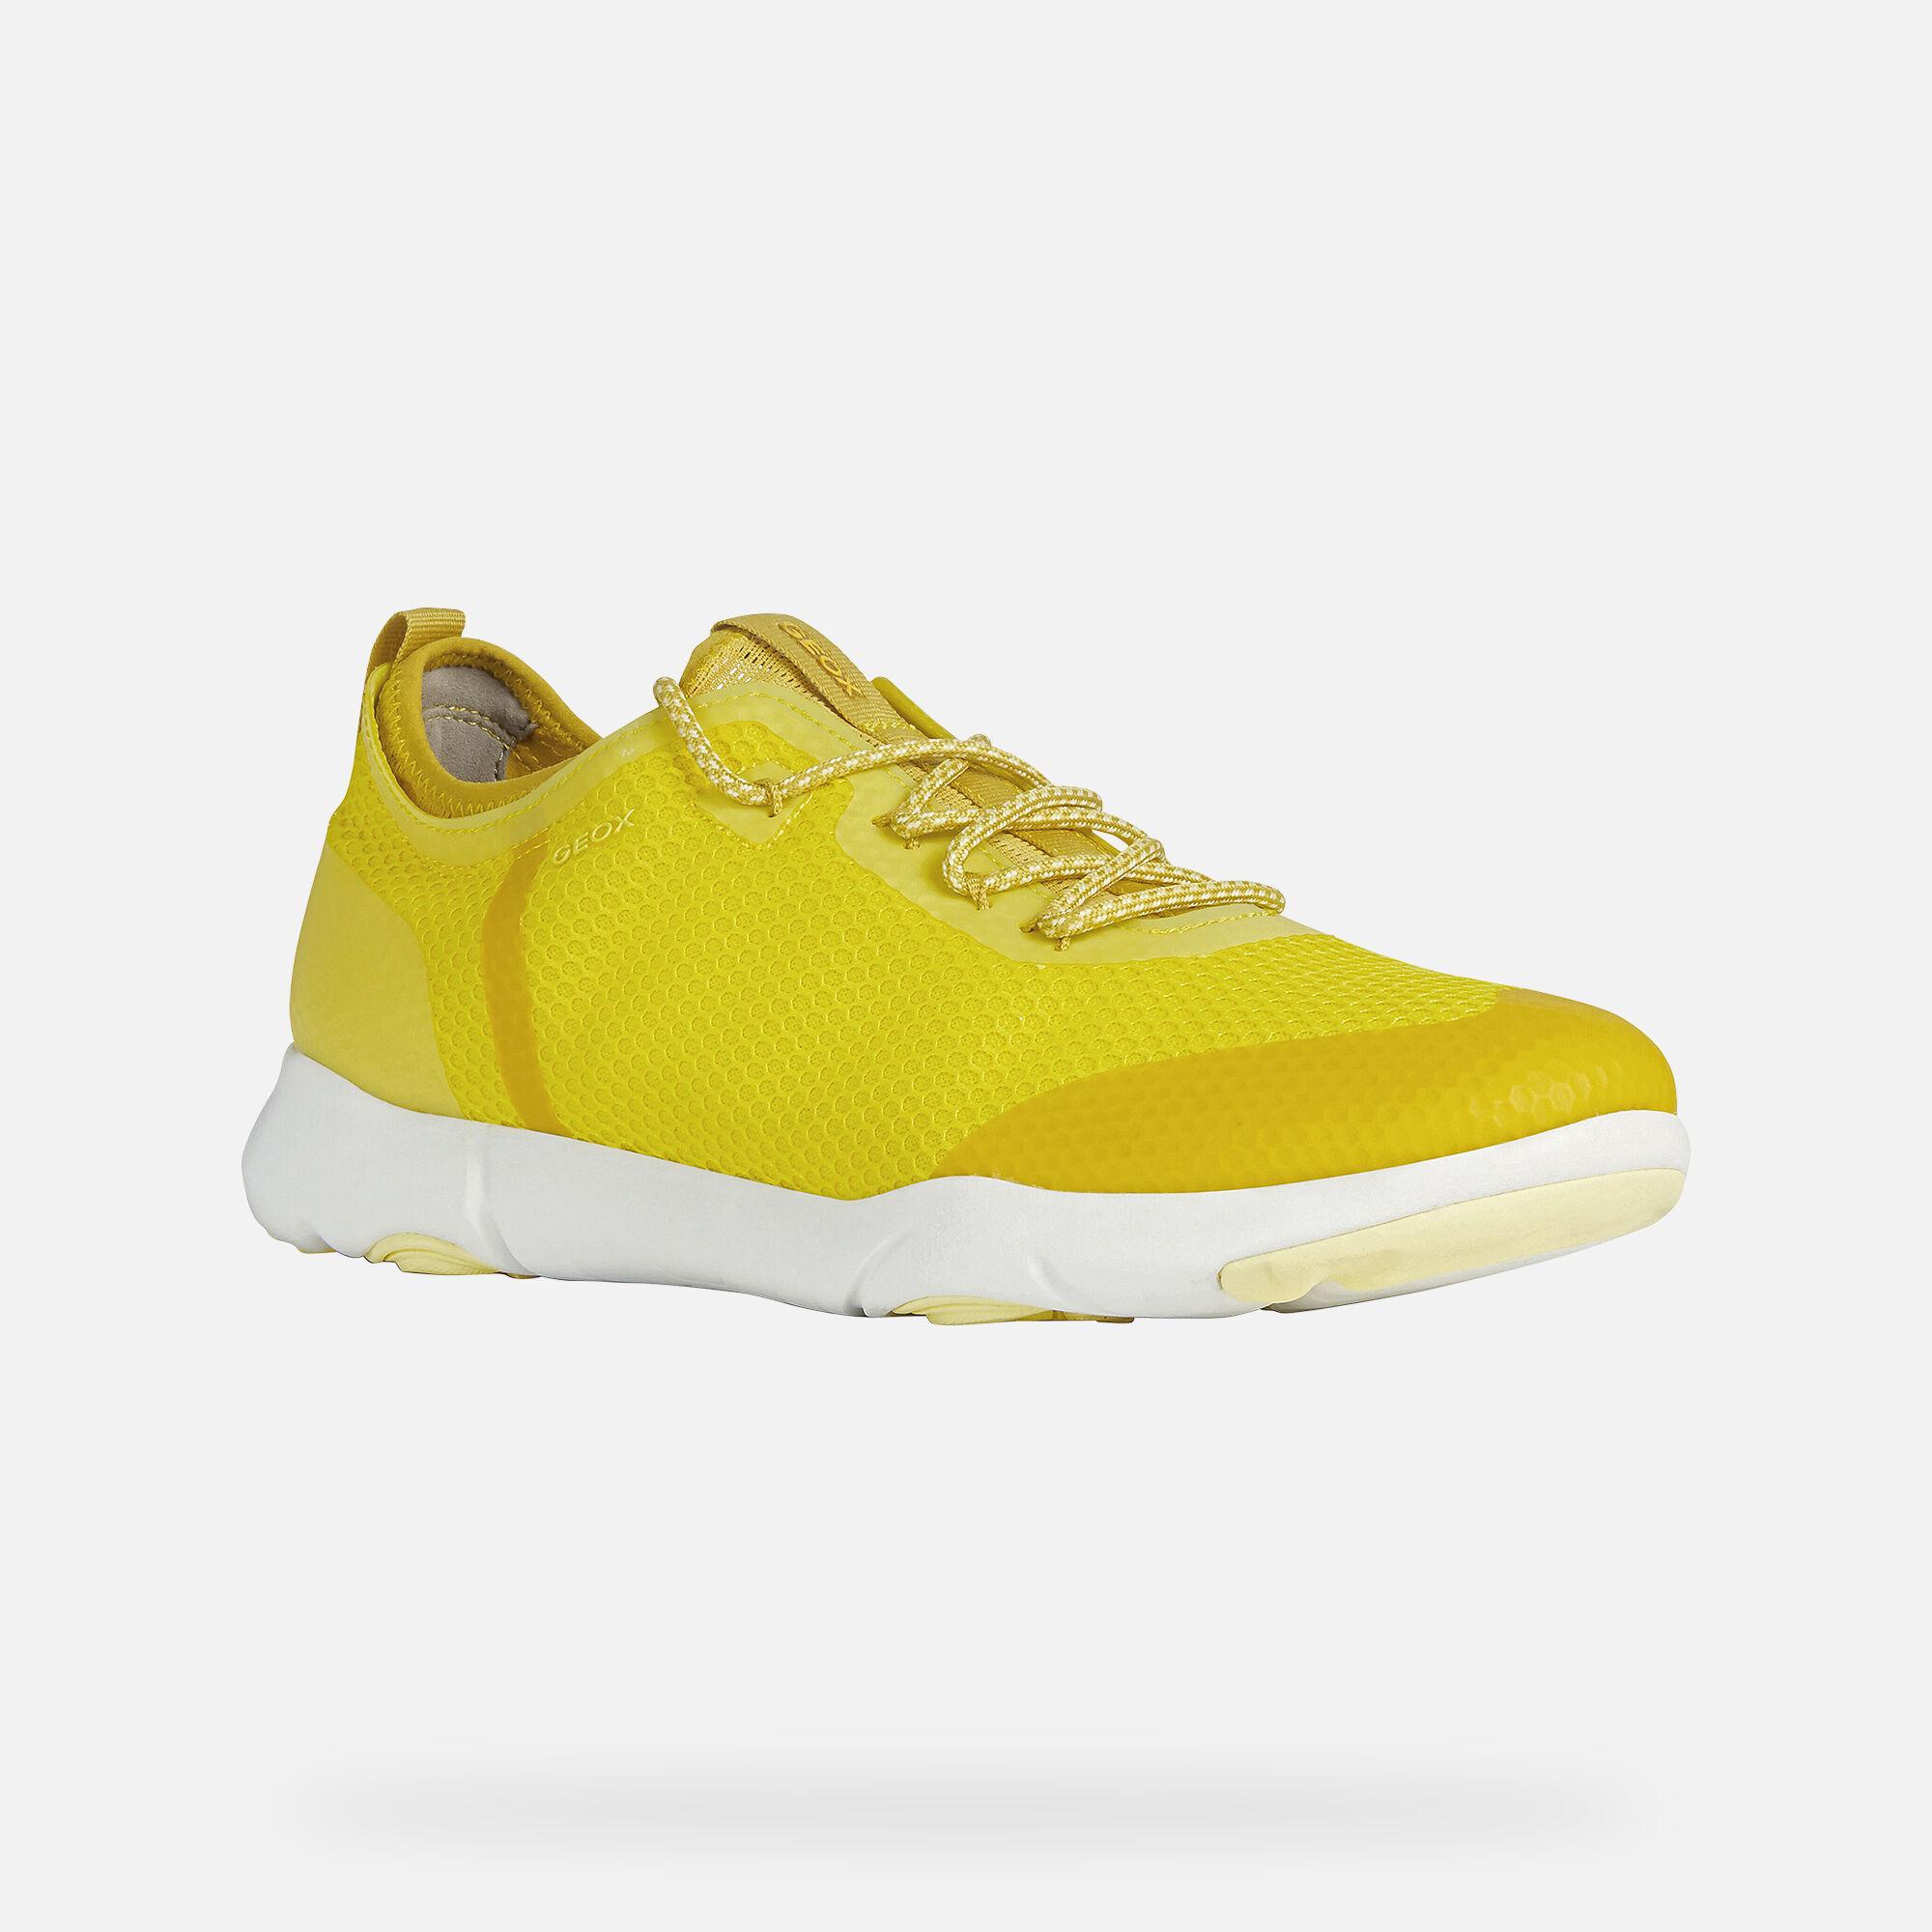 Geox NEBULA X Man: Light yellow